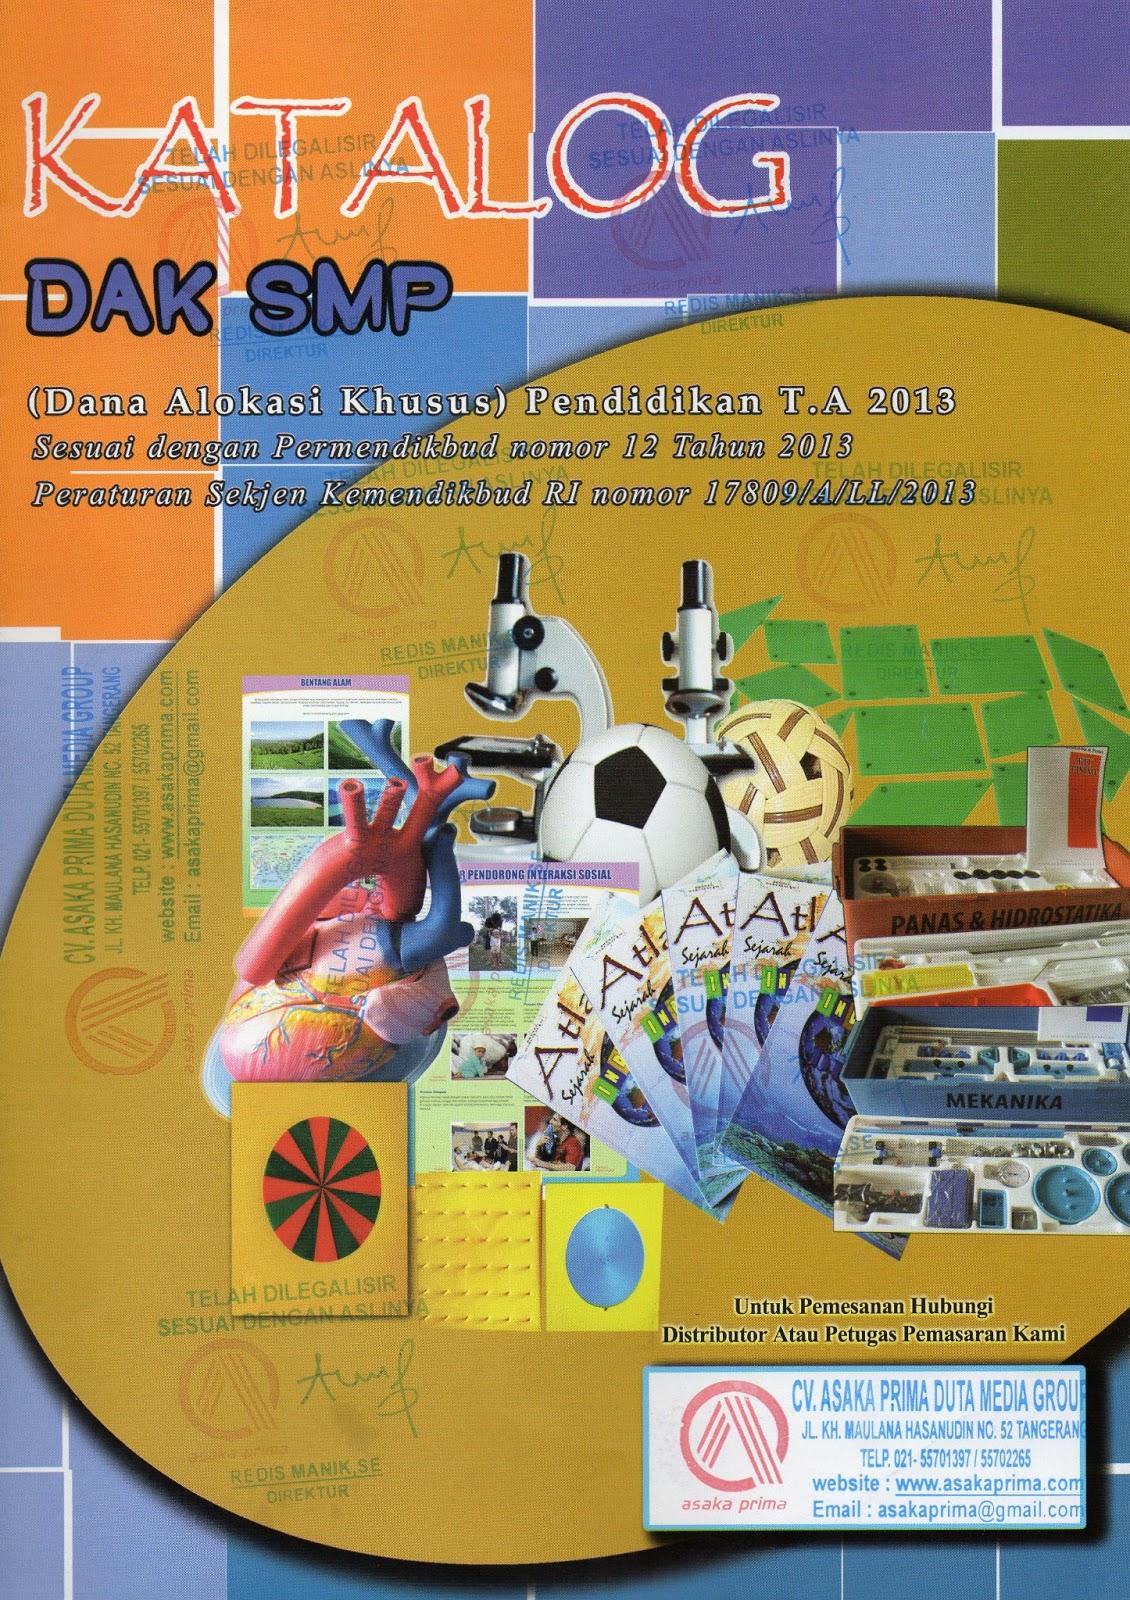 dak smp,rab dak smp,juknis dak smp 2013,alat peraga smp,alat peraga murah,paket alat peraga dak smp 2013